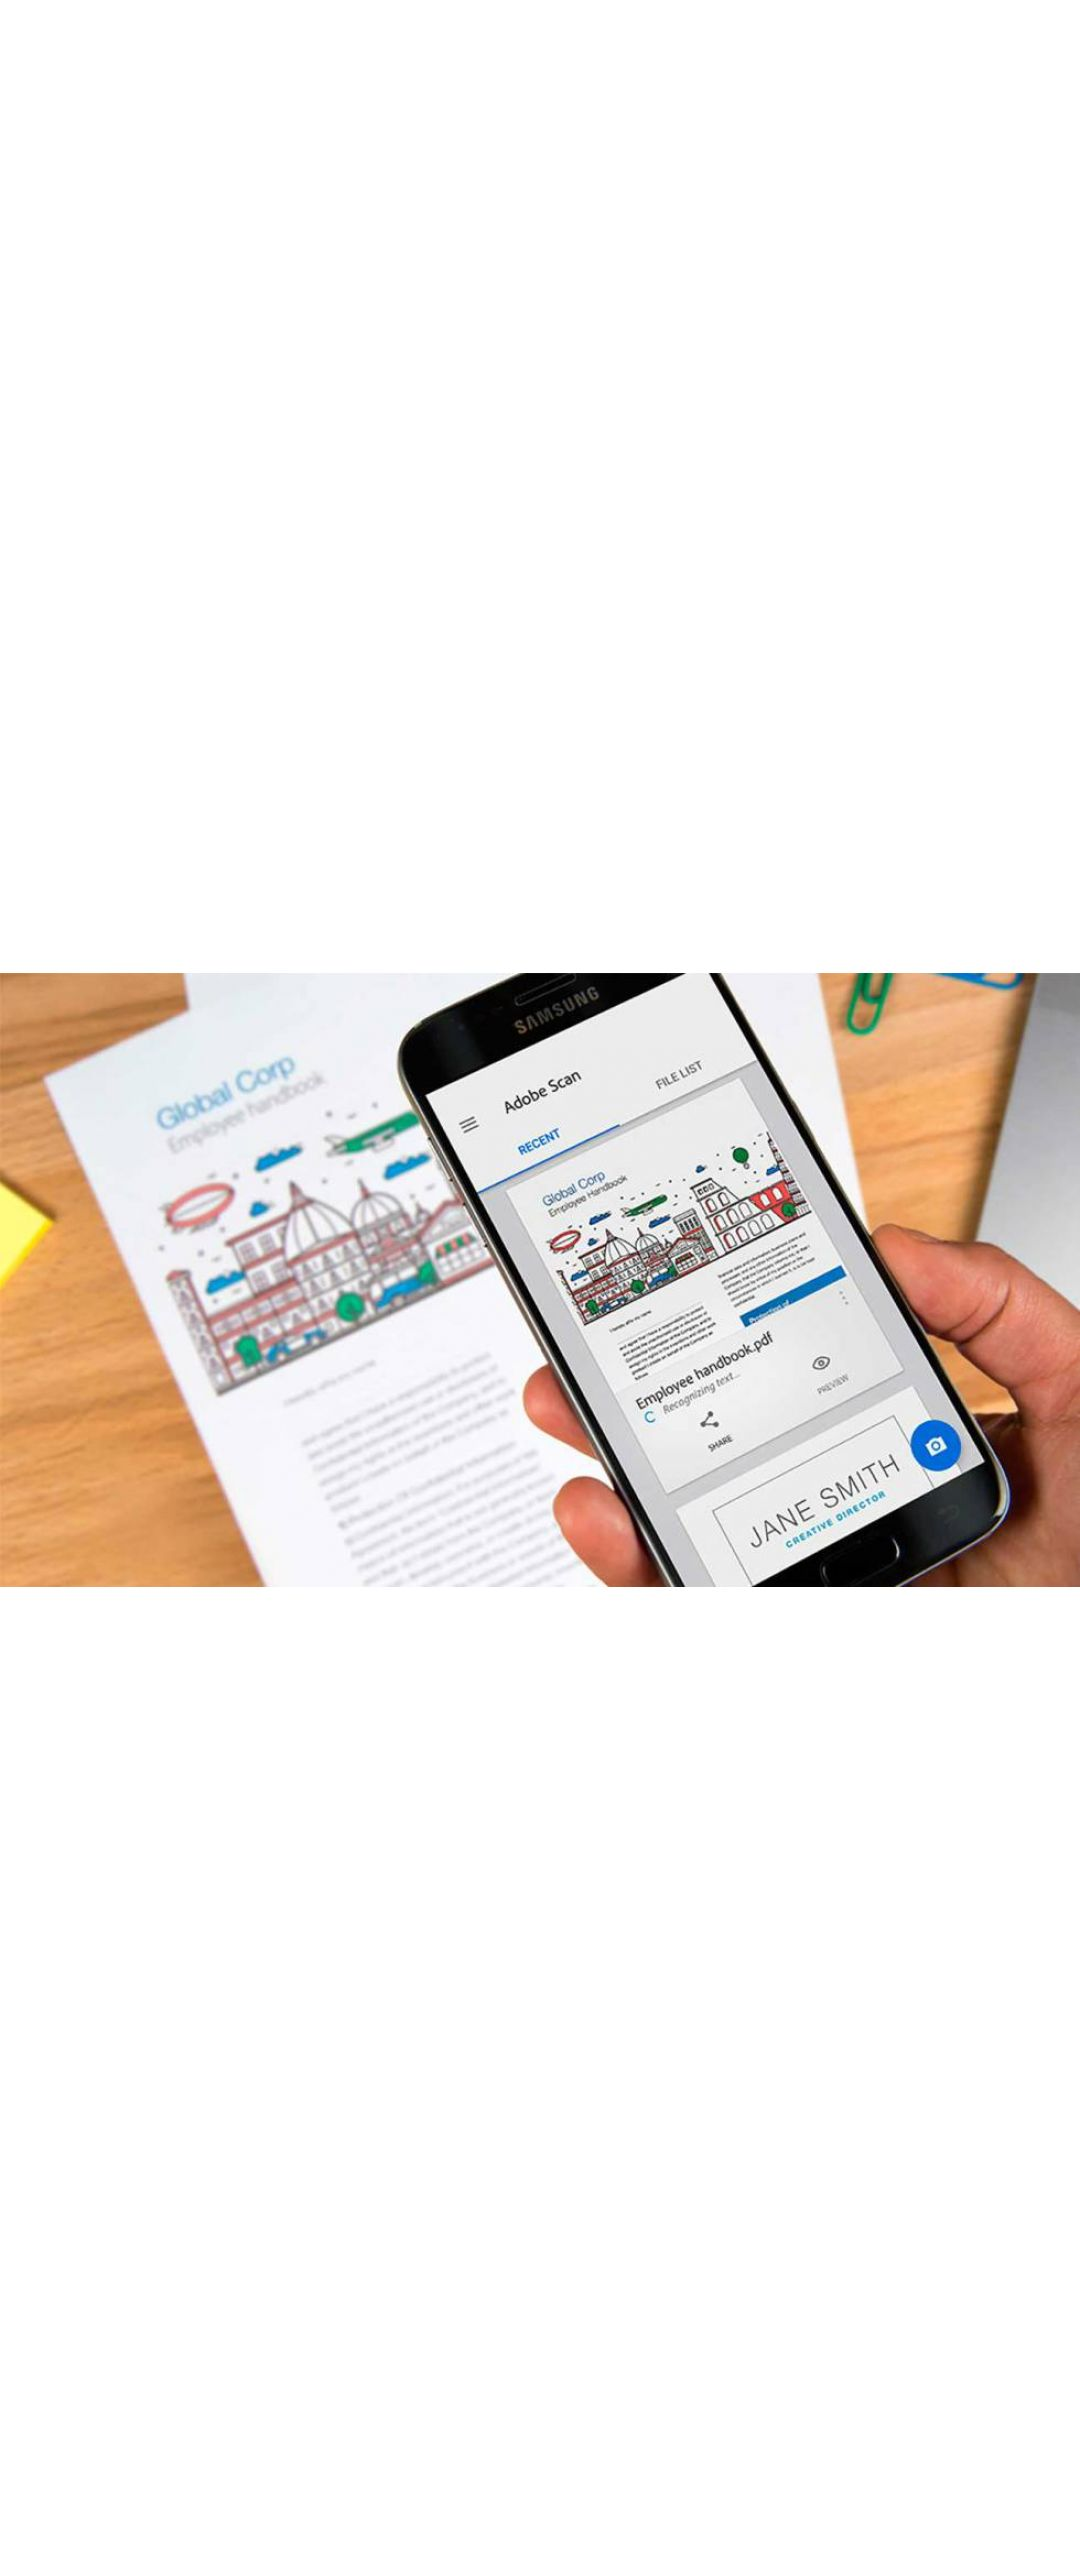 Adobe lanza aplicación para escanear documentos